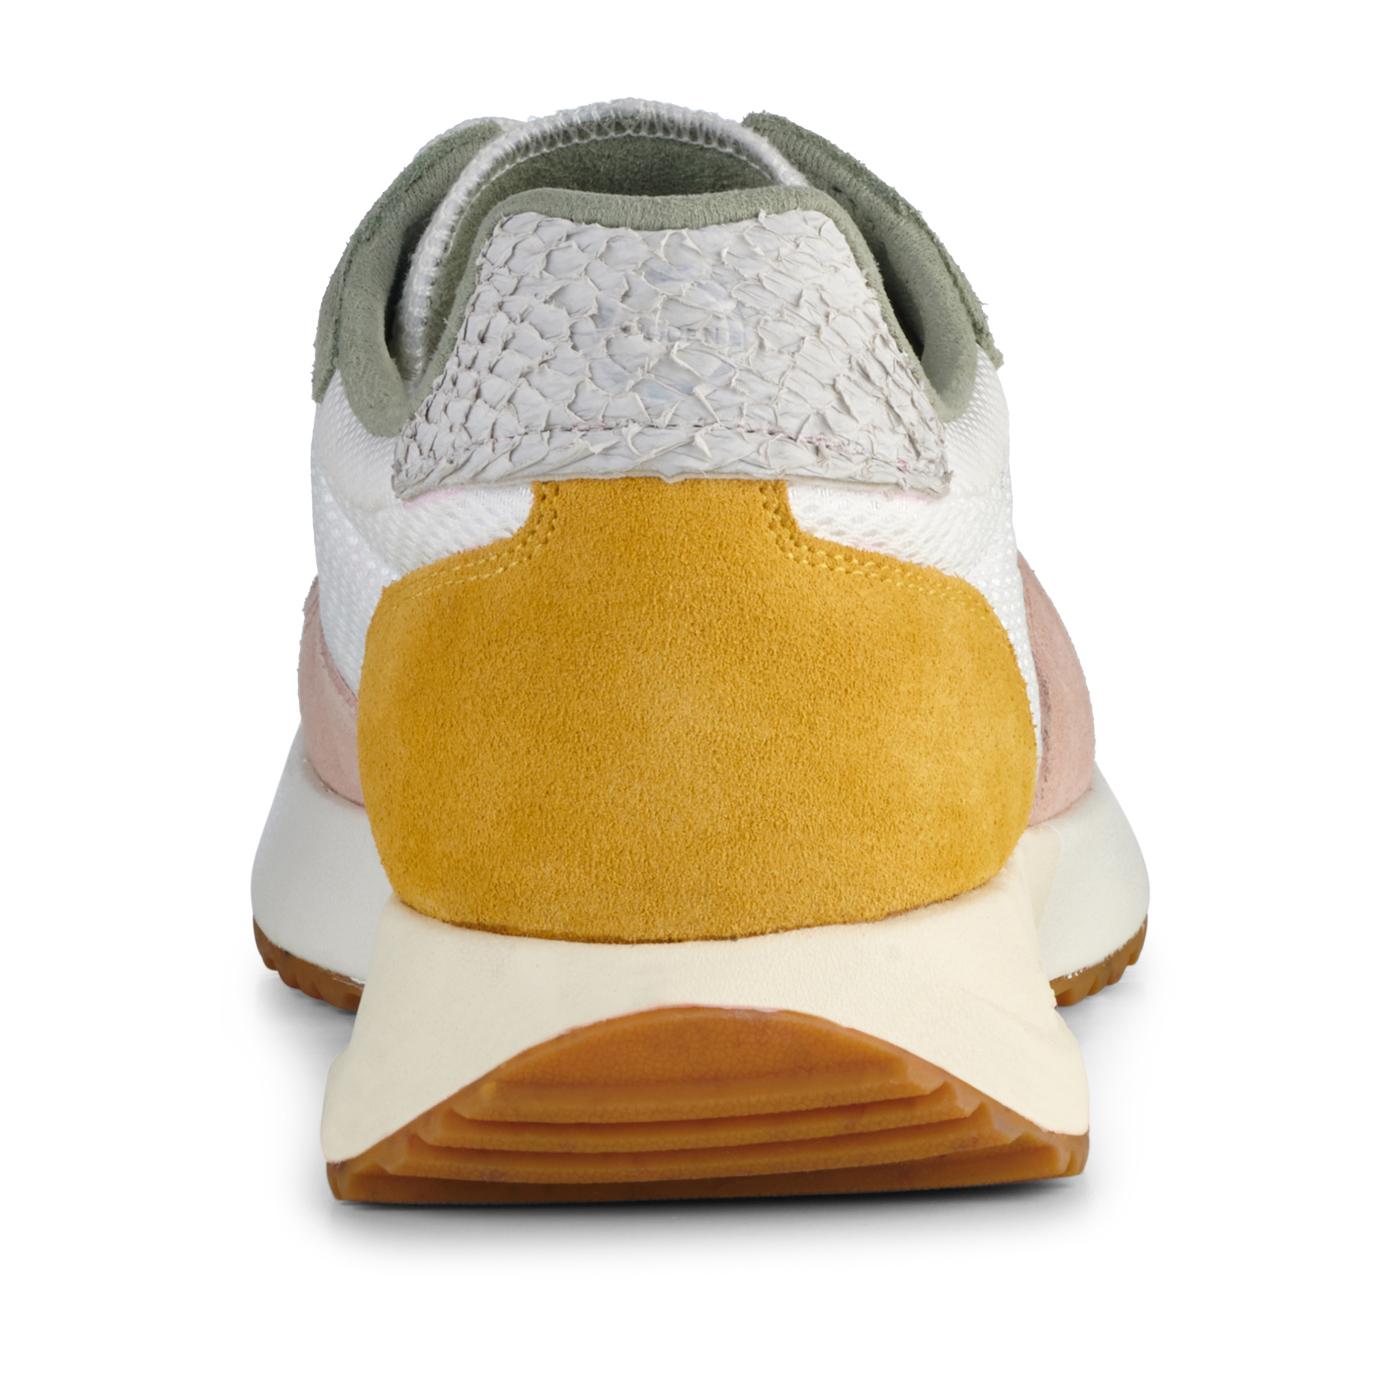 Woden WL882 sneakers 36 774, Multi, 37